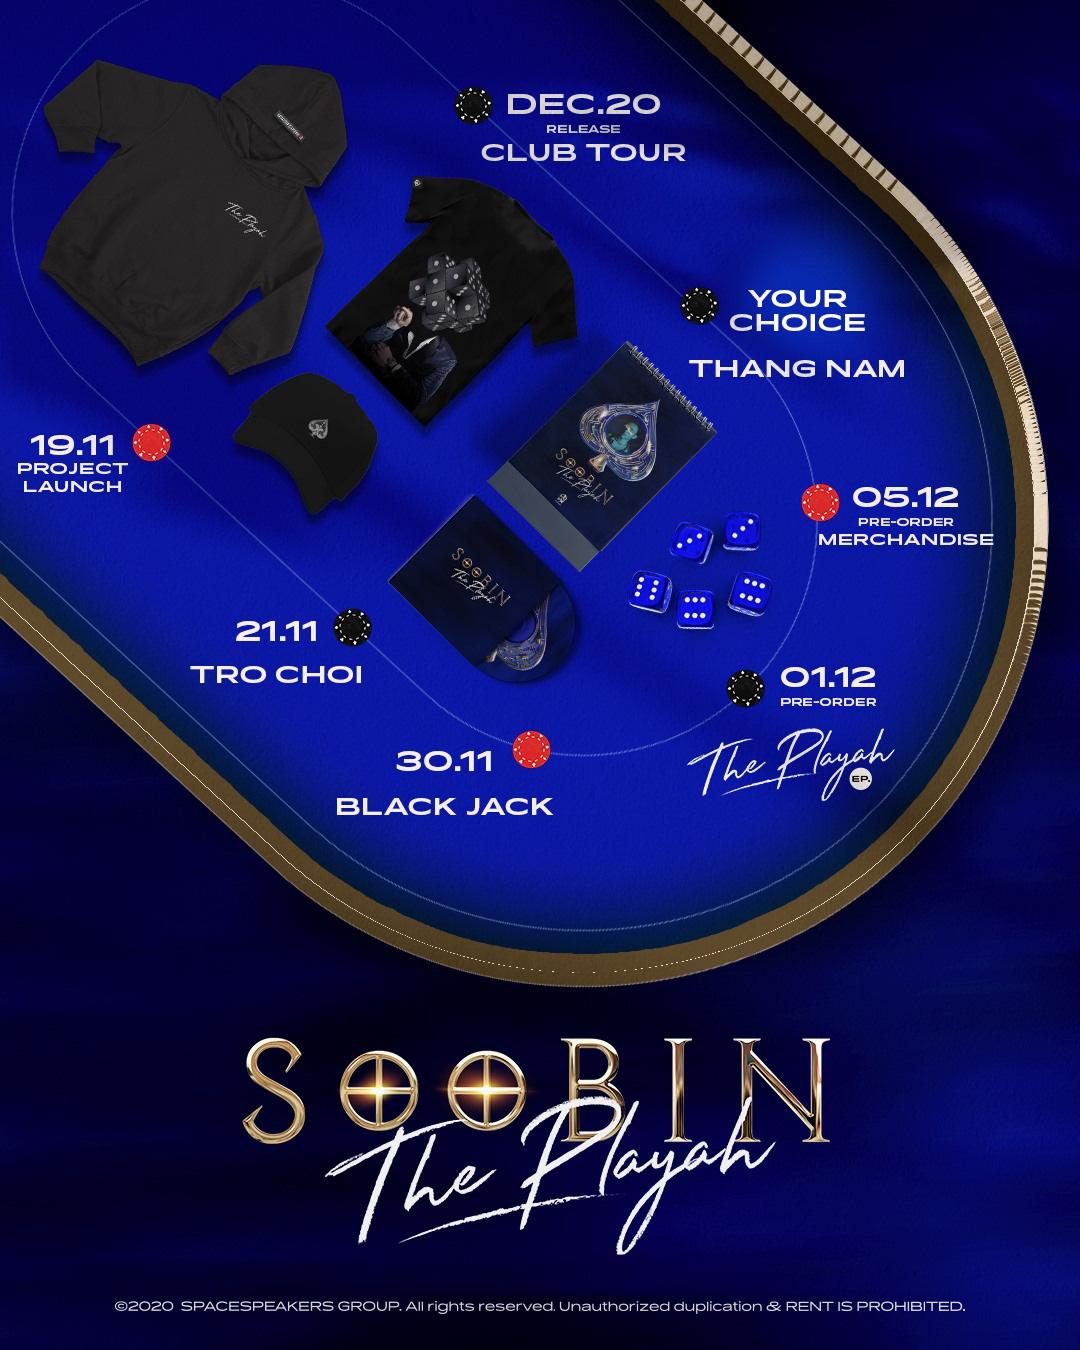 """Tóm lại, EP """"The Playah"""" của SOOBIN có gì mà trở thành 1 trong những dự án được đón chờ nhất cuối năm 2020? - Ảnh 2."""